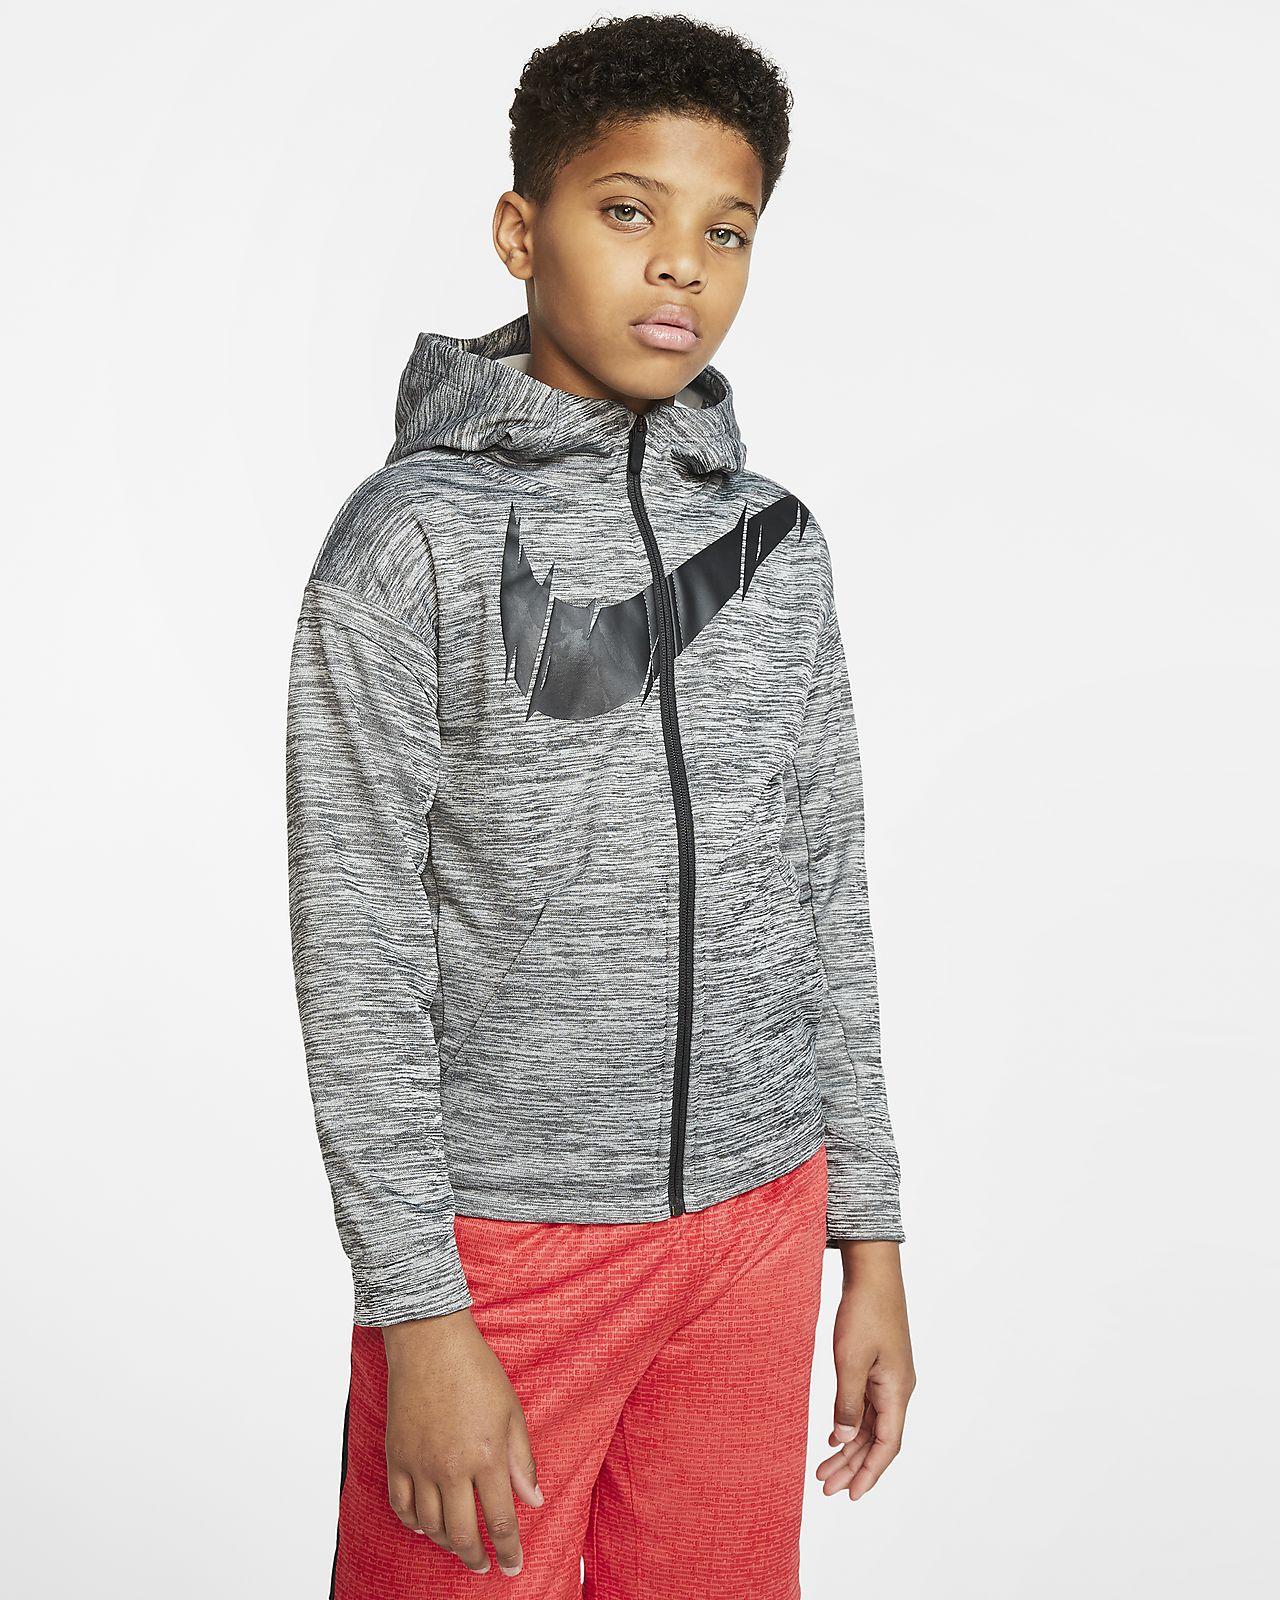 Μπλούζα προπόνησης με κουκούλα και φερμουάρ σε όλο το μήκος Nike Therma για μεγάλα αγόρια